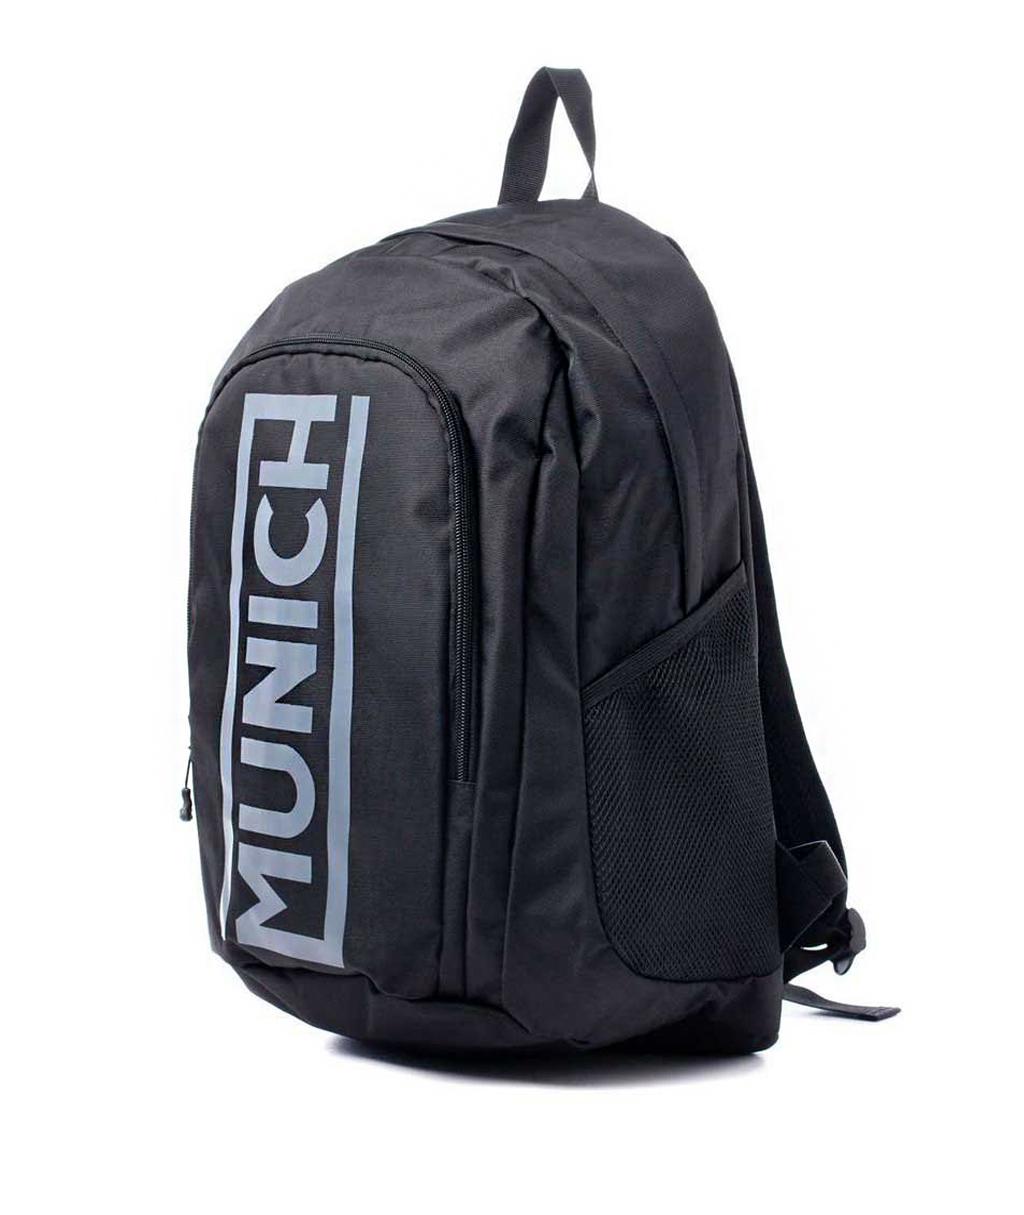 Купить чёрный рюкзак Munich Backpack 6500147 в интернет-магазине